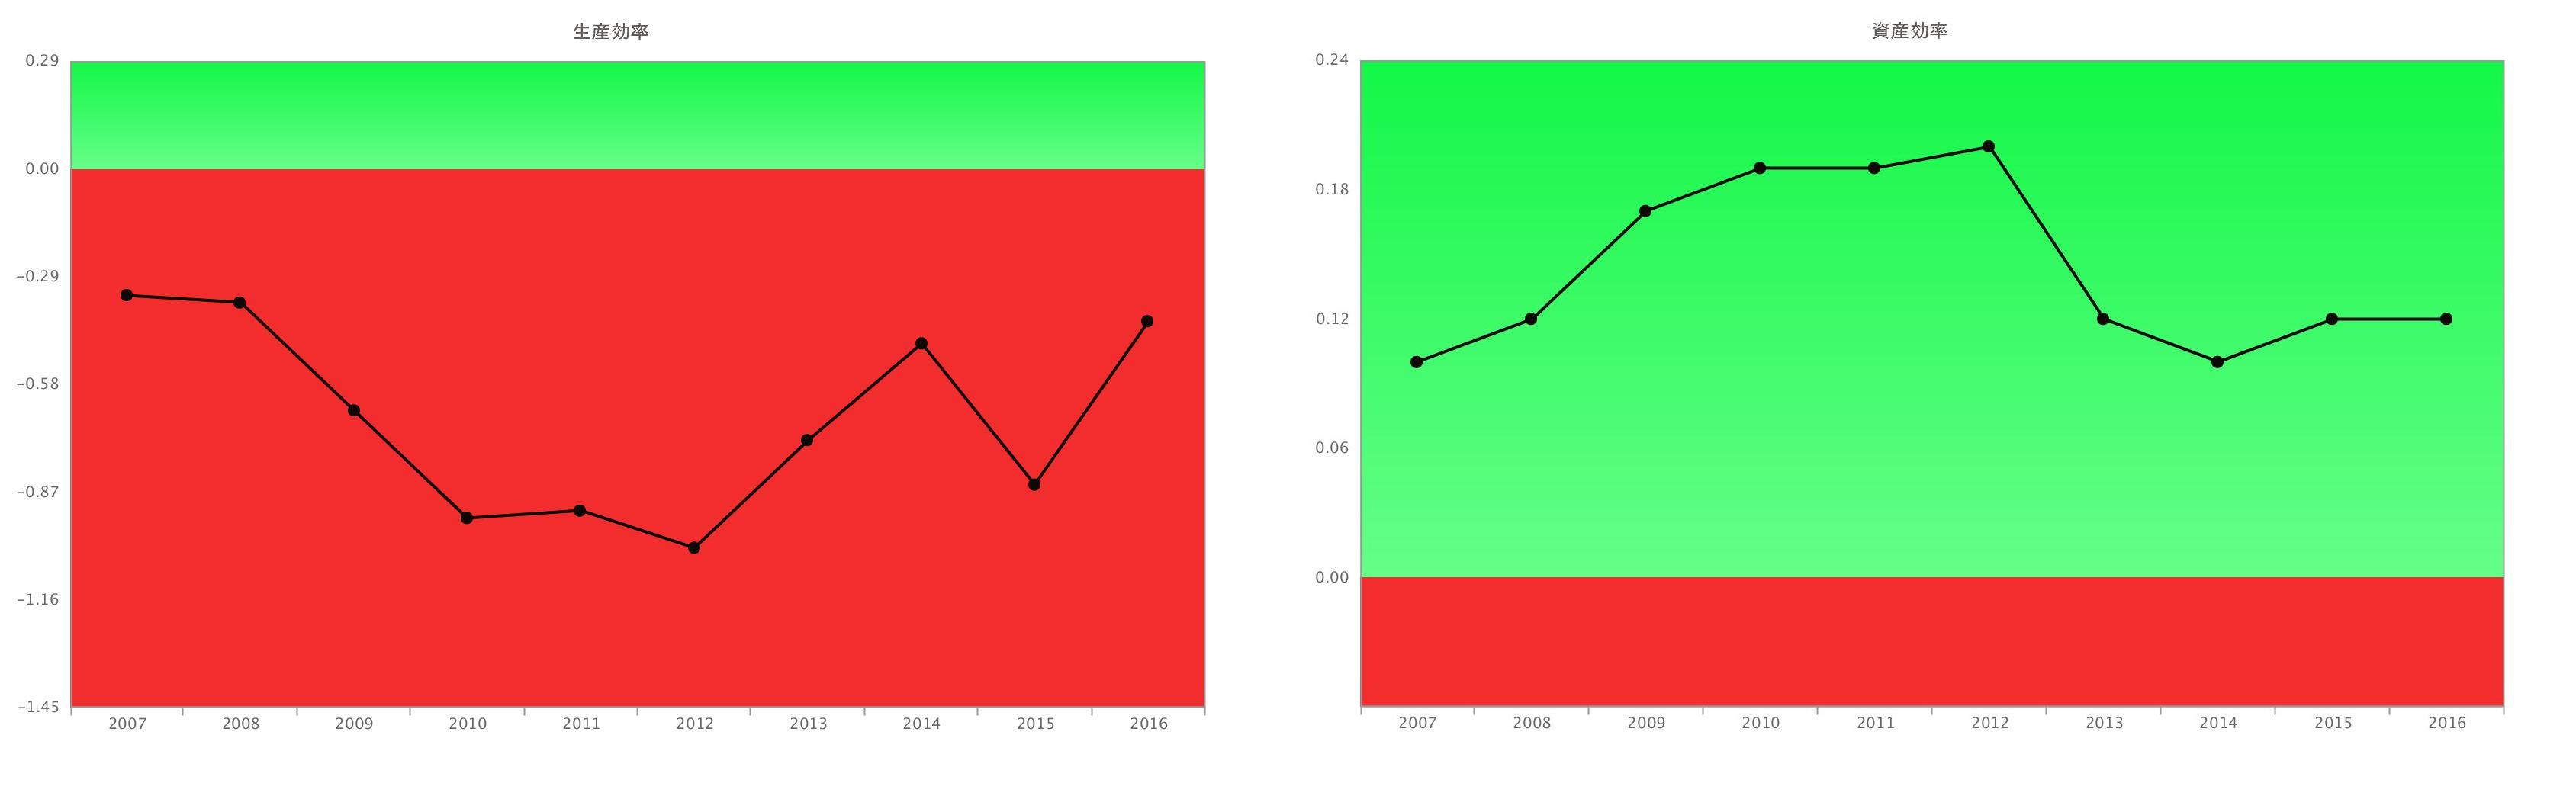 ペッパーフードサービス一人当たり売上・資産高率指標グラフ